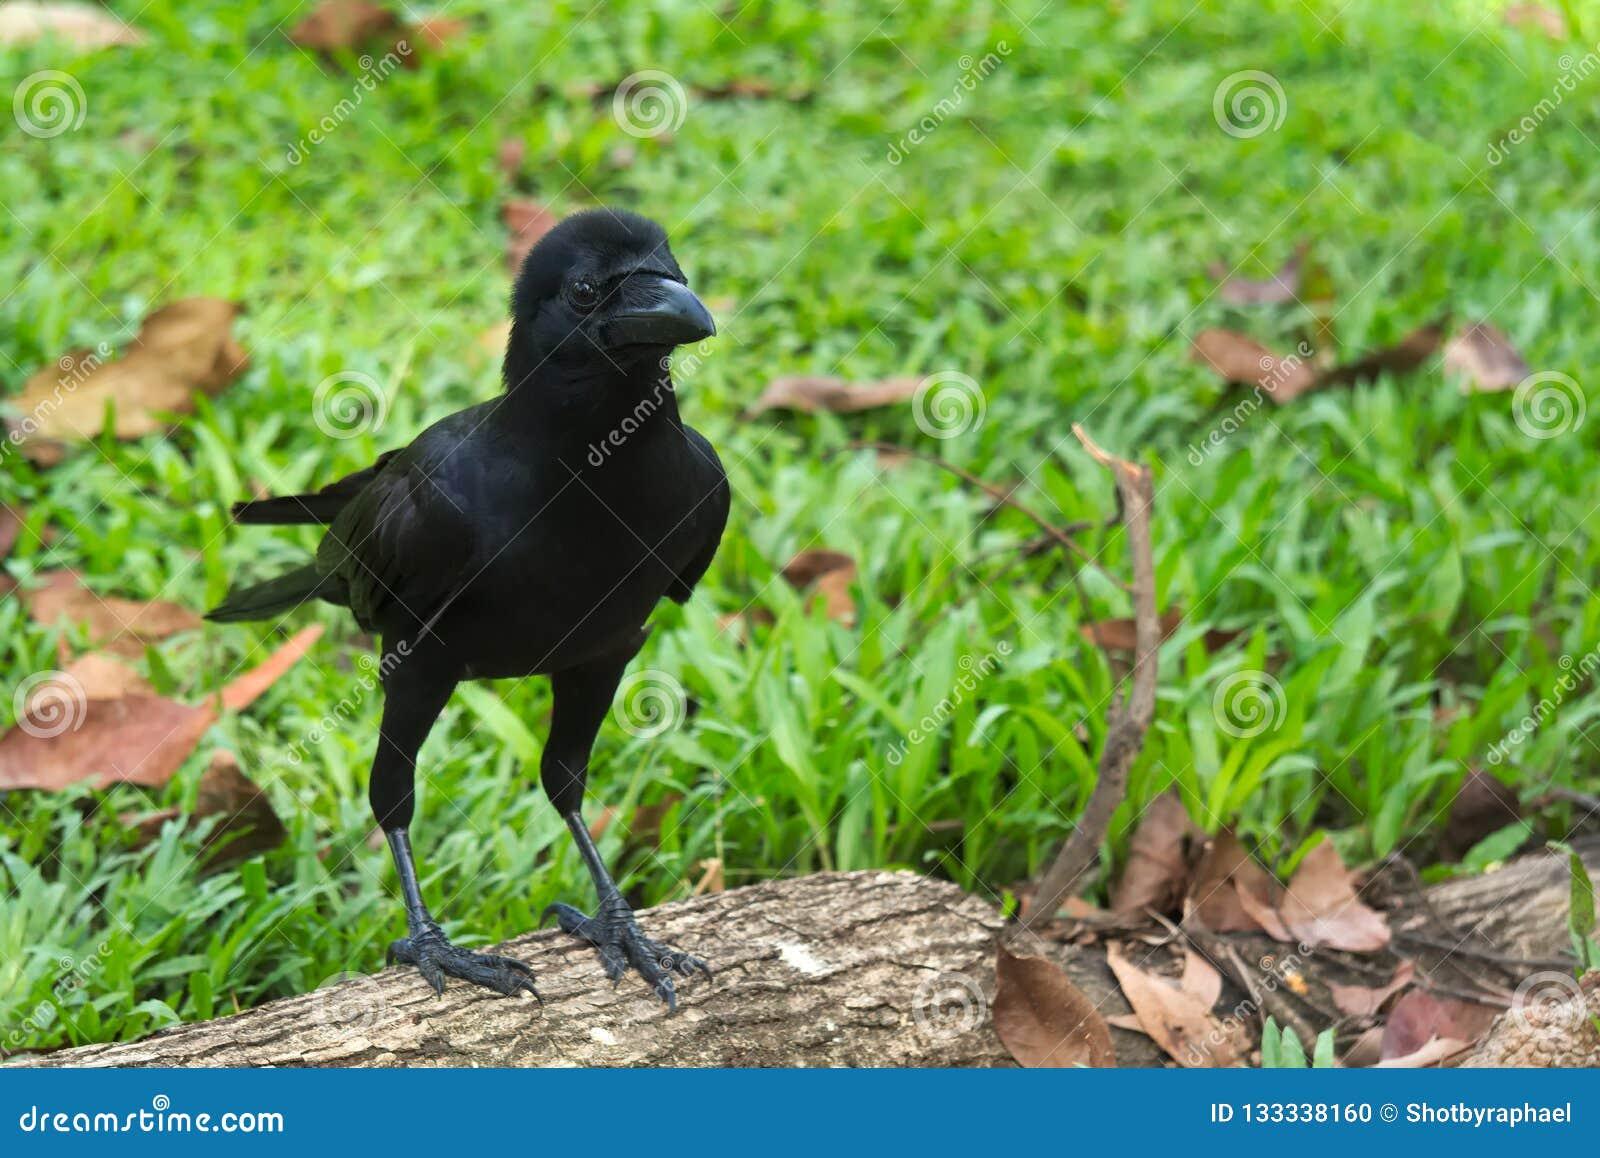 Un cuervo negro joven, gallardo, despide sobre un pequeño registro, en un parque verde precioso